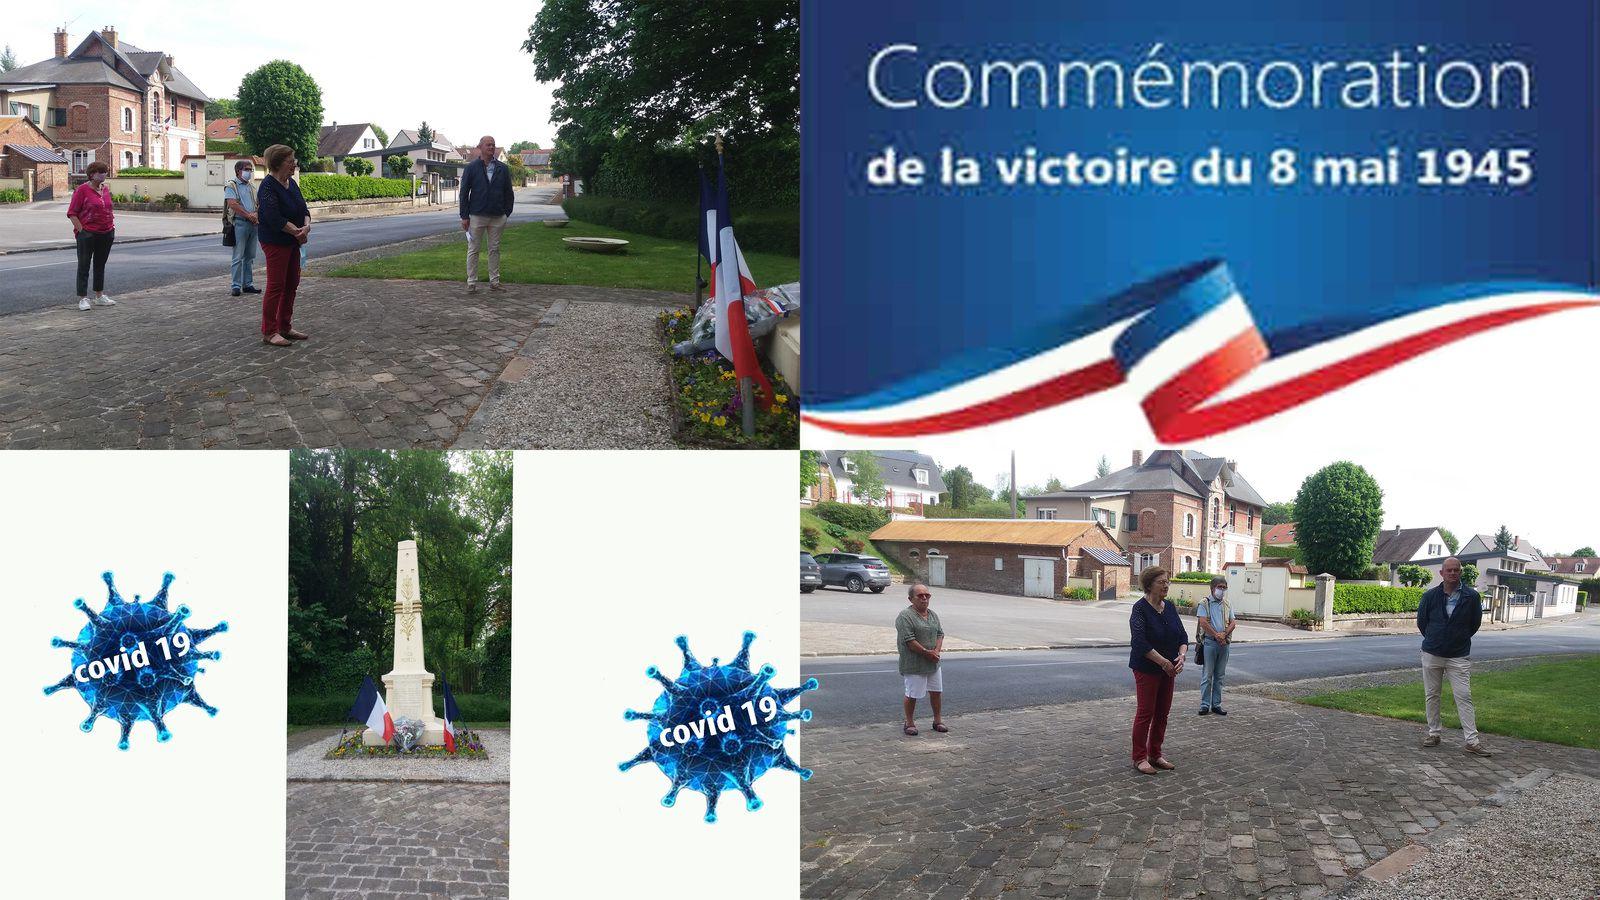 Une commémoration  de la victoire du 8 Mai 45 sous le signe de la pandémie.